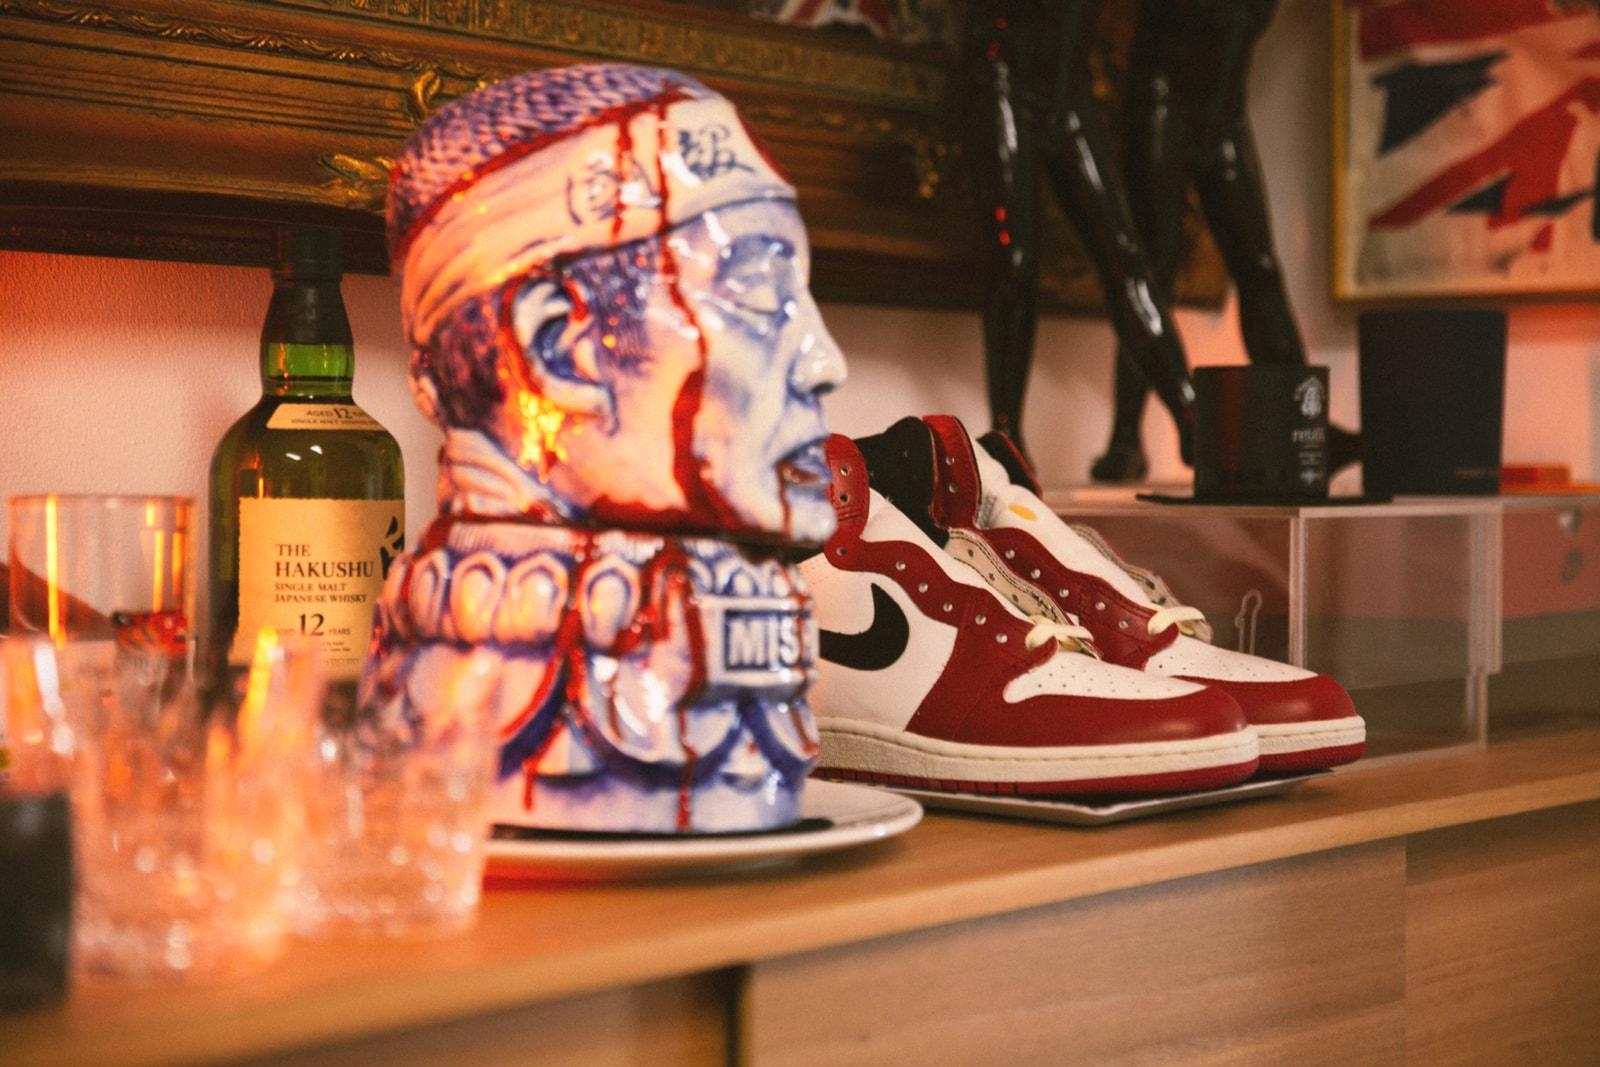 元年 Air Jordan 1 如何让季明对球鞋的热爱保持 20 年?| Sole Mates